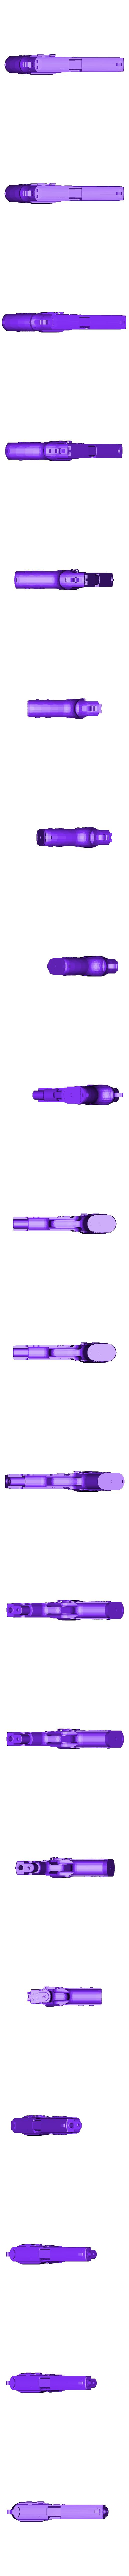 SigSauerP226.stl Download free 3MF file SIG SAUER P226 • Design to 3D print, Wij